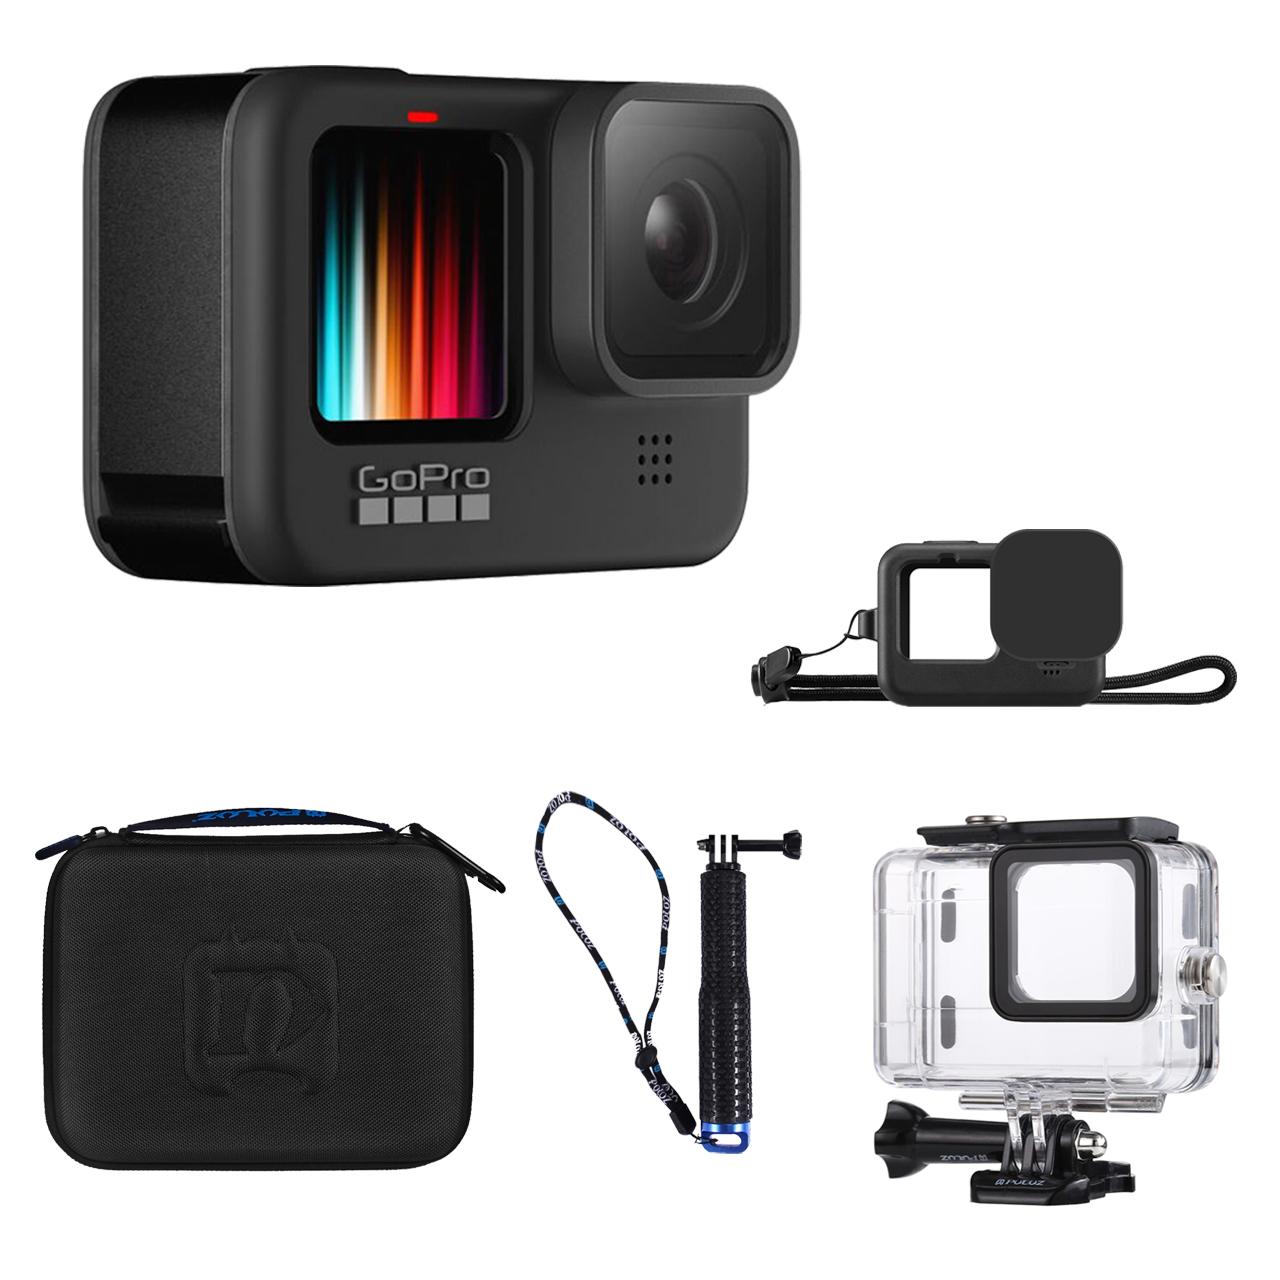 دوربین فیلم برداری ورزشی گوپرو مدل HERO 9 Black به همراه لوازم جانبی